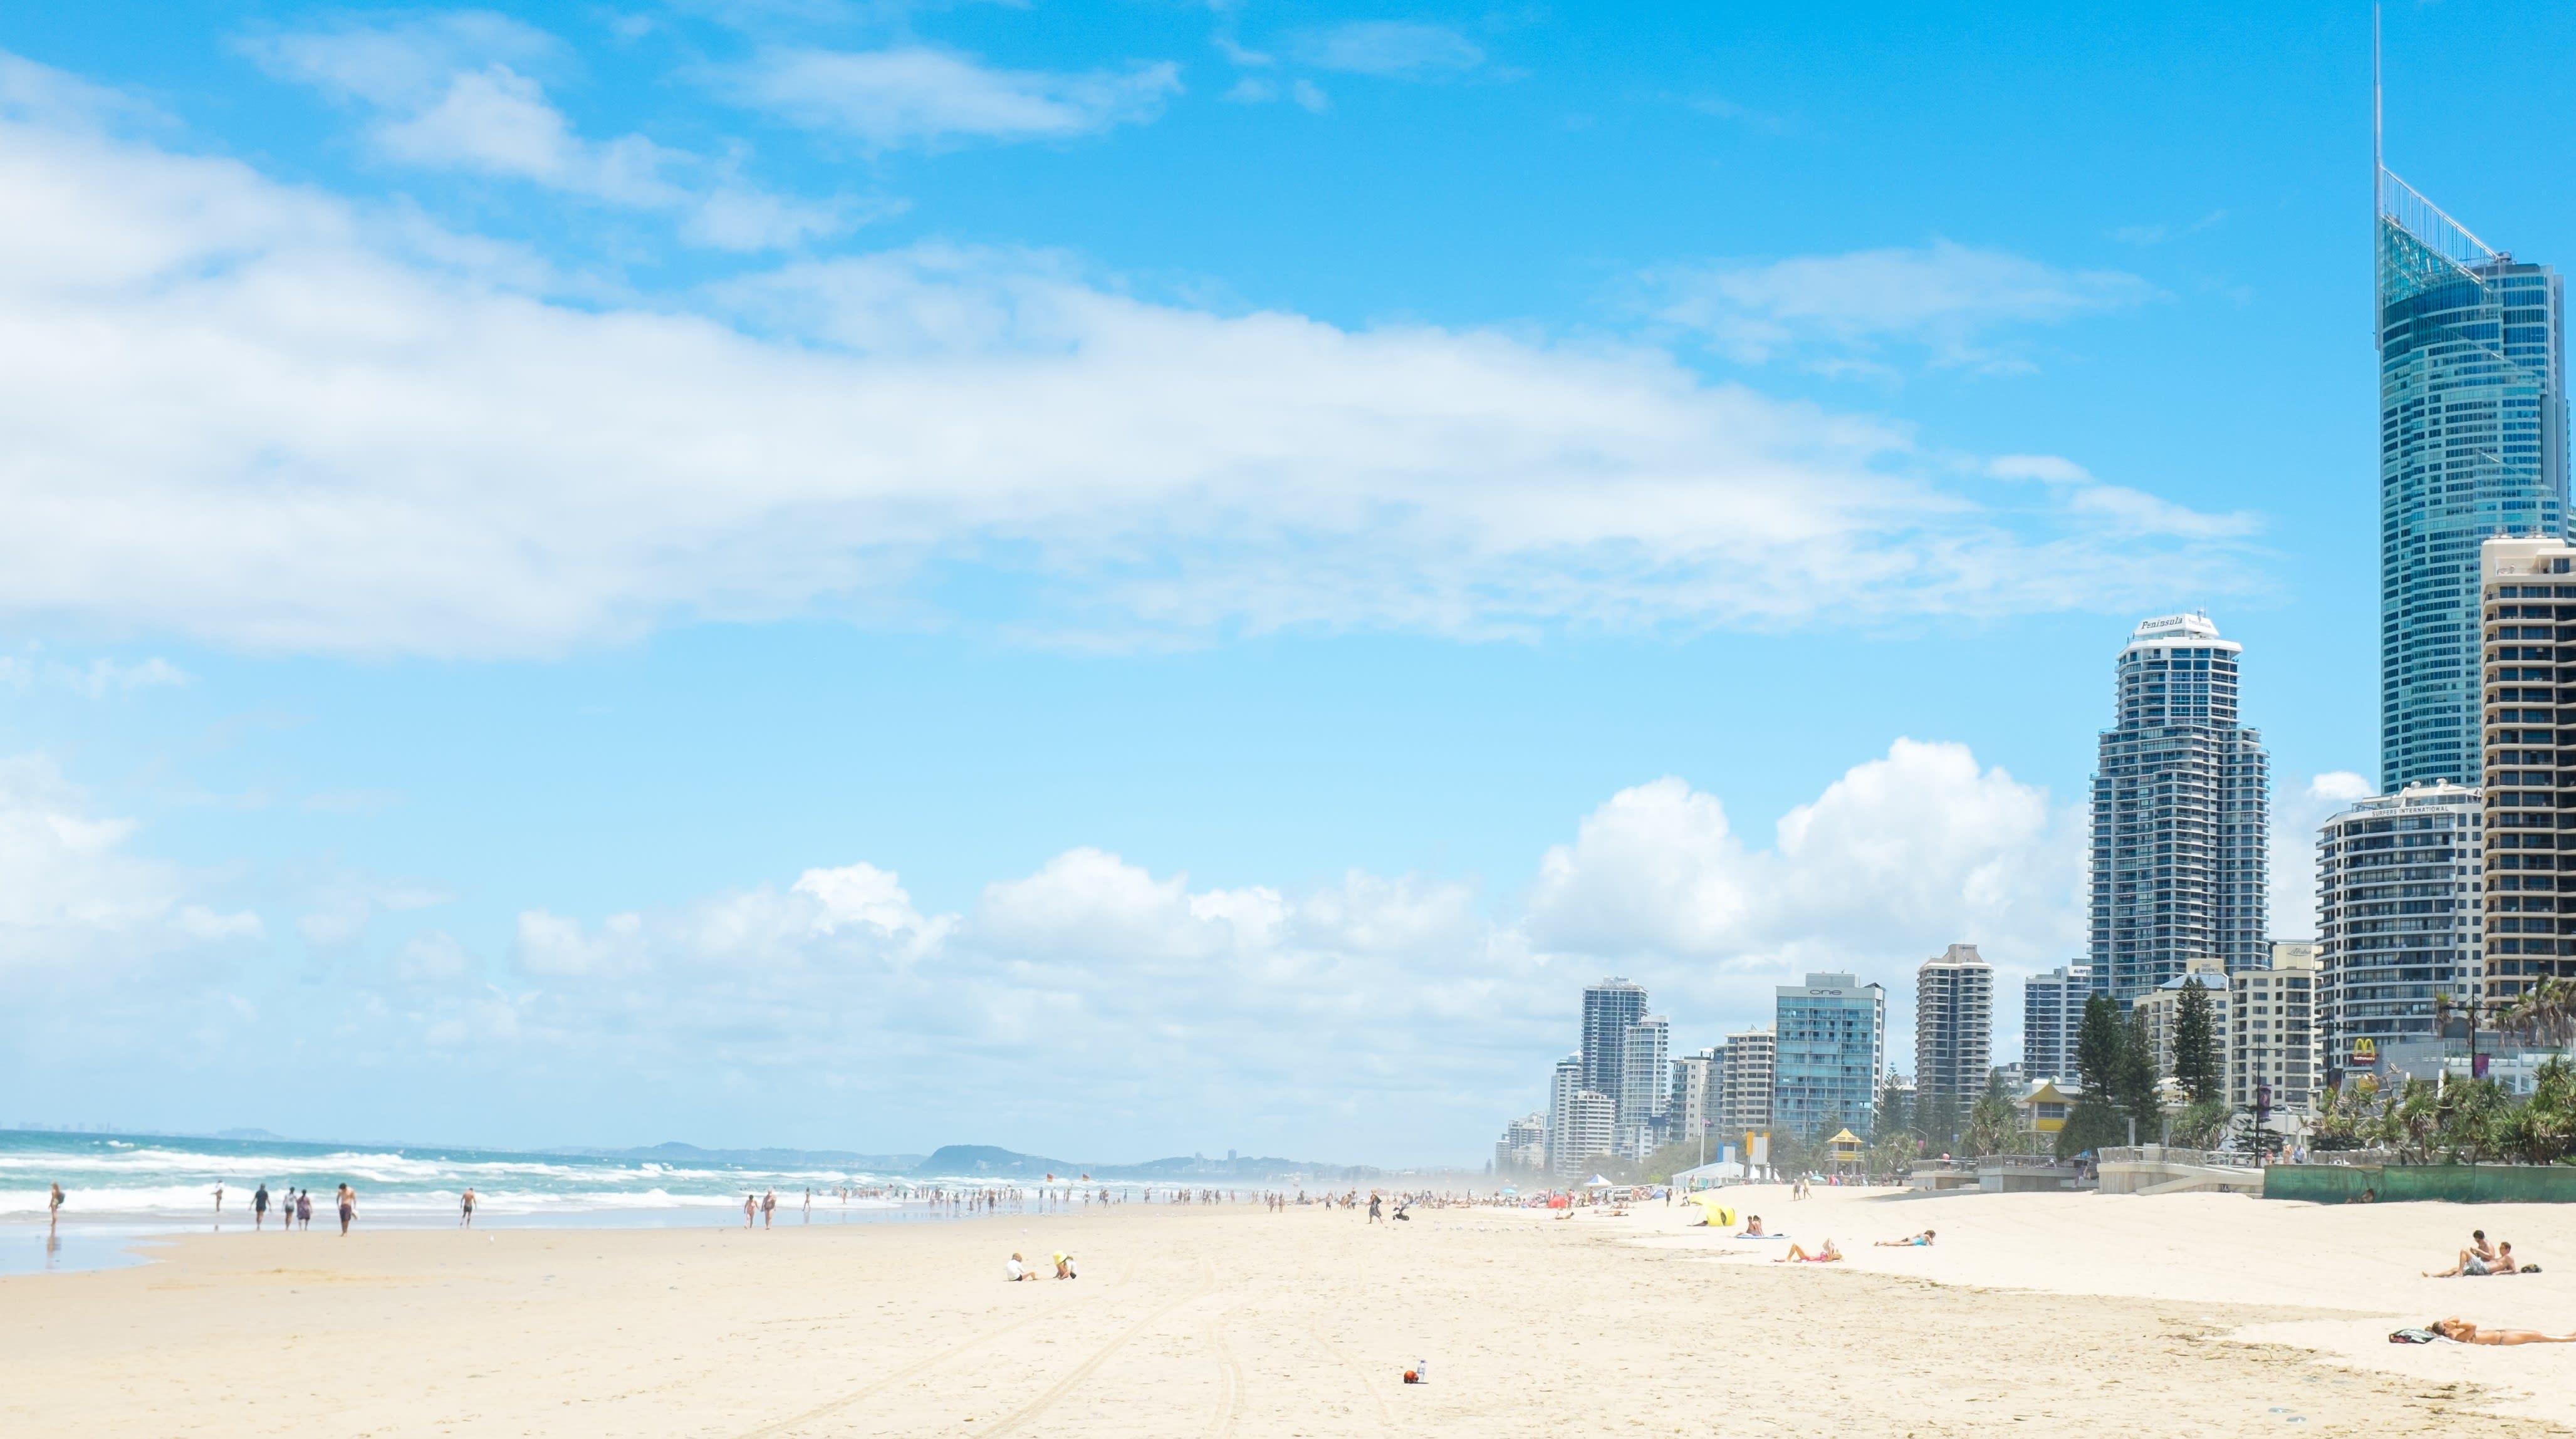 衝浪者天堂~陽光、沙灘、比基尼。(圖片取自wikimedia)